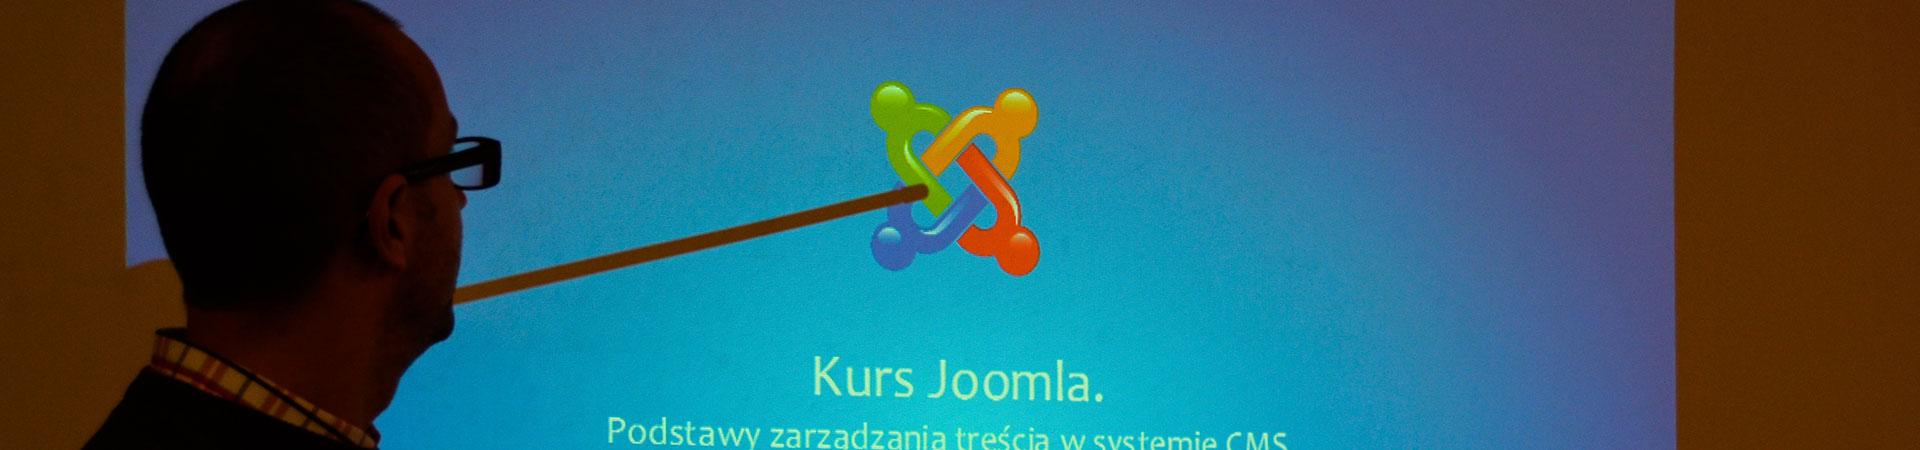 Conociendo: Joomla!